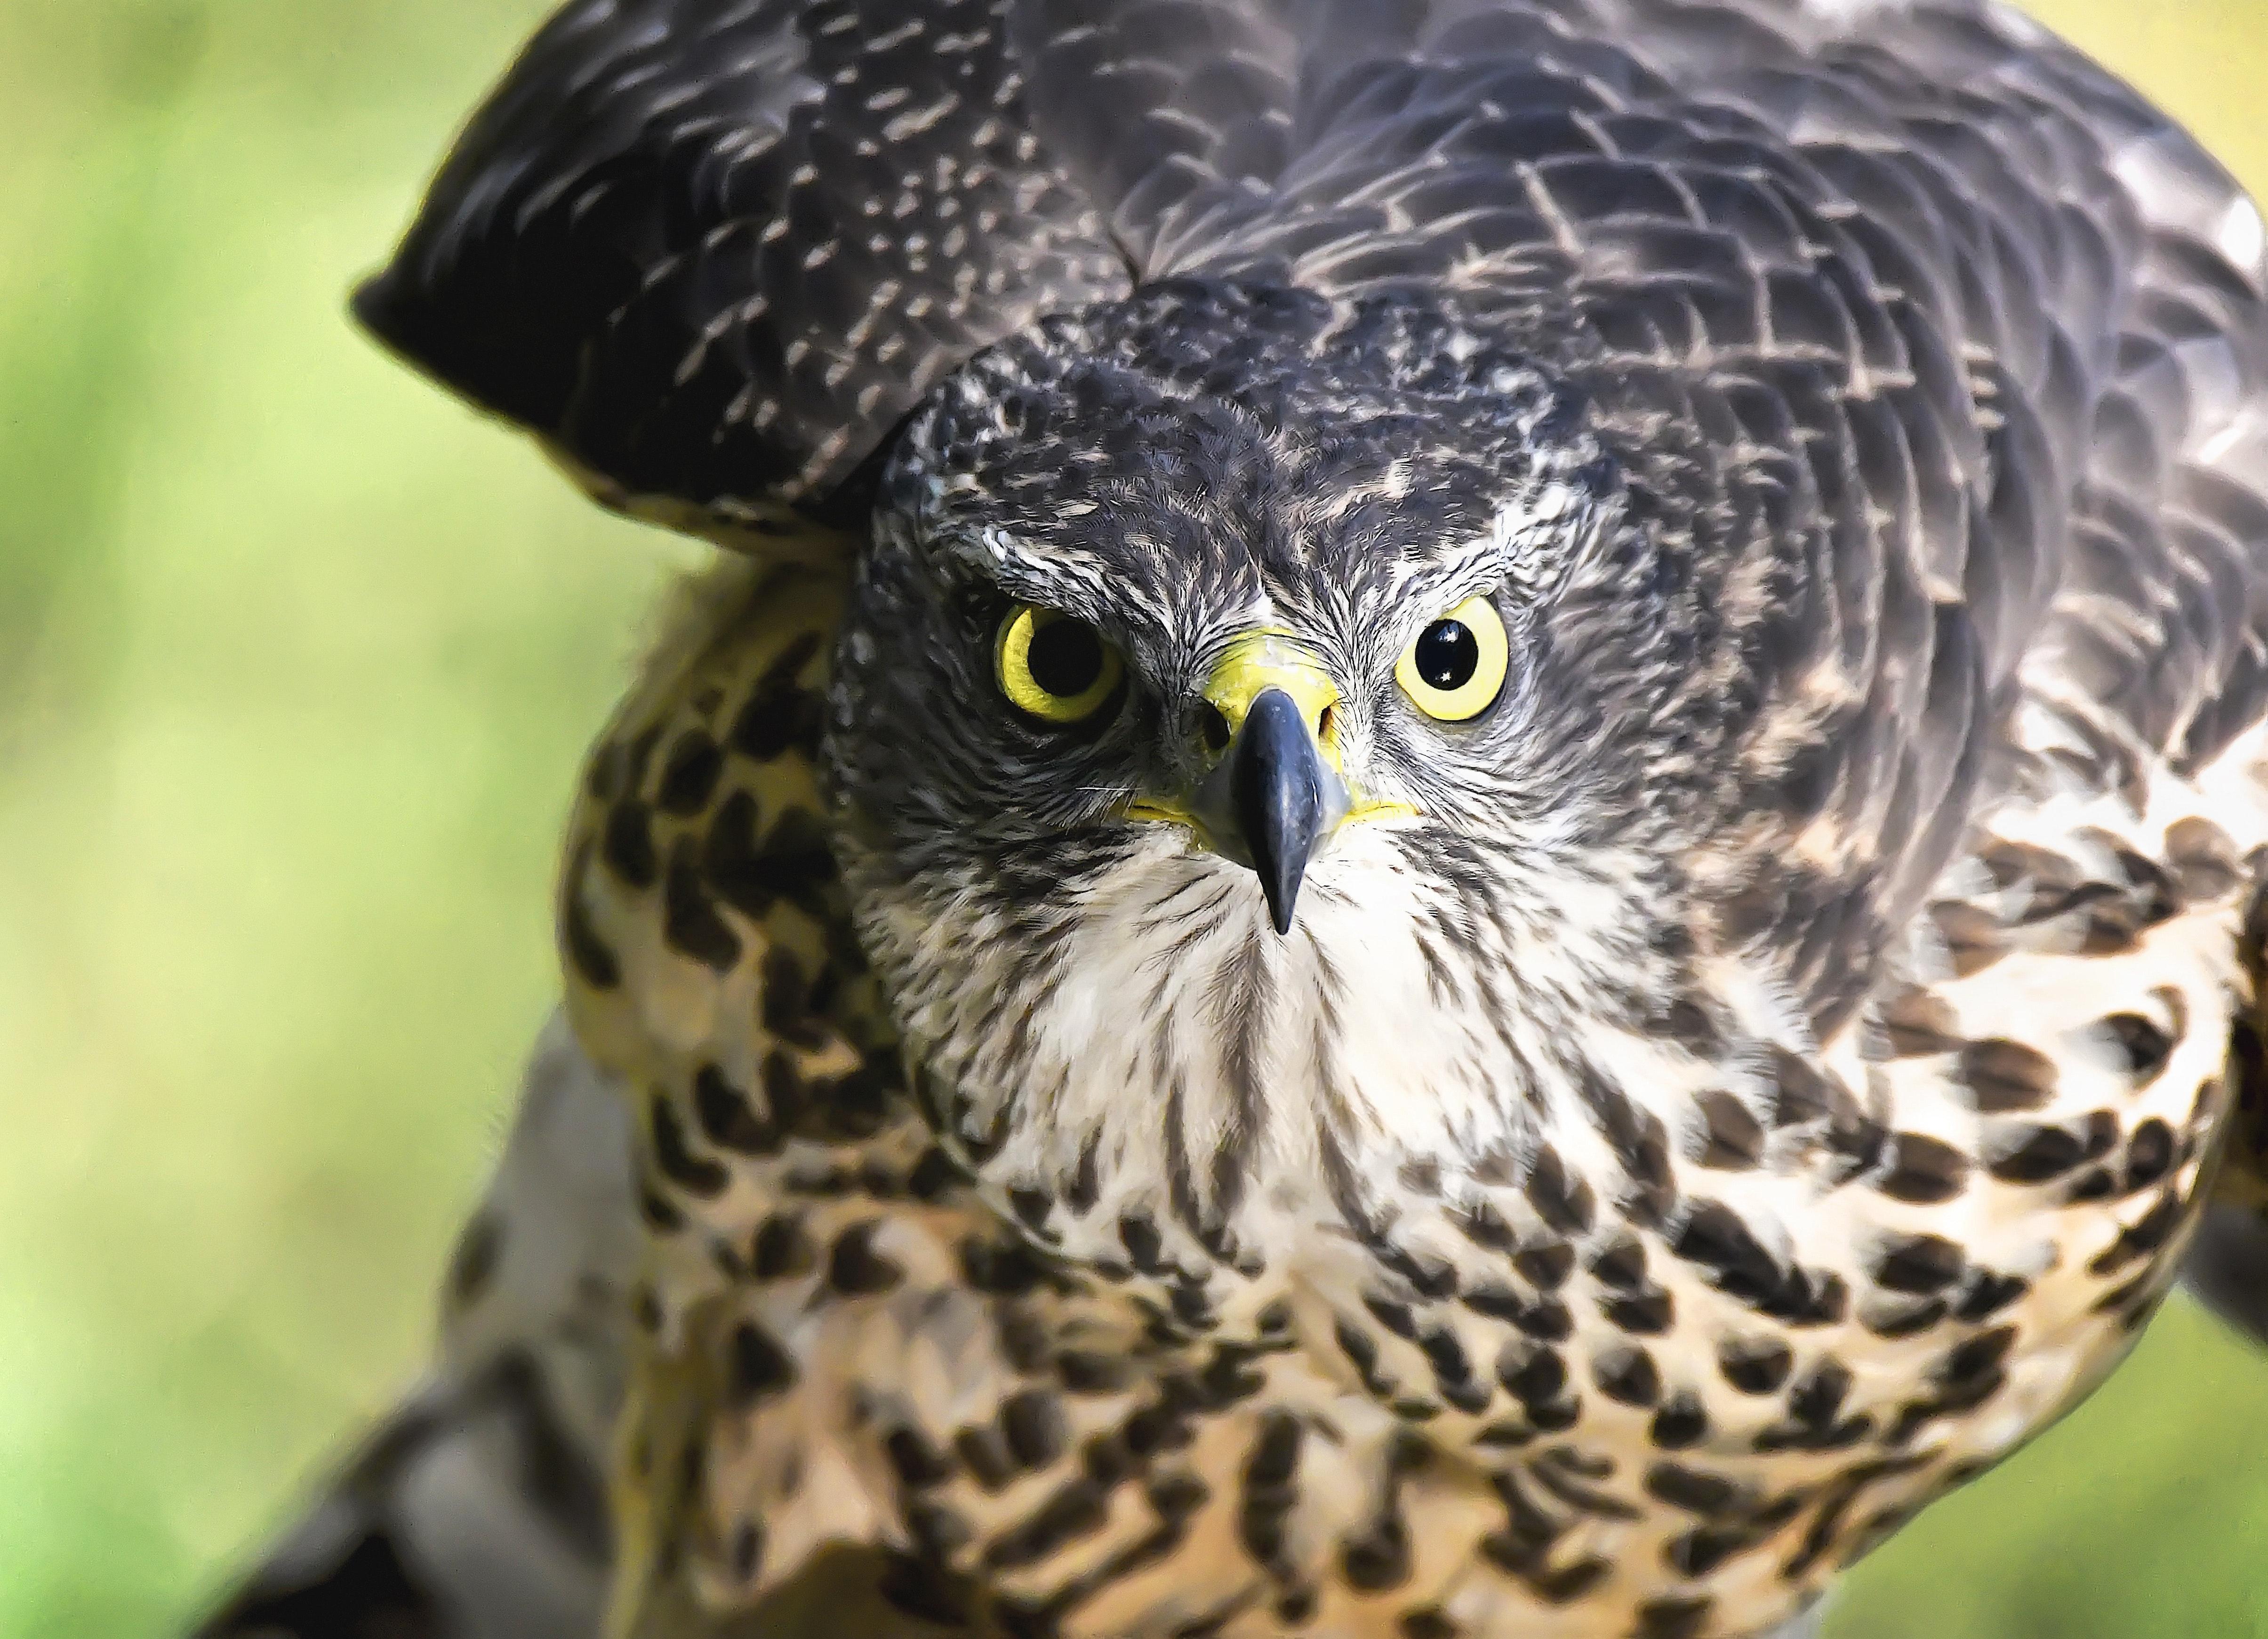 Close-up of eagle photo